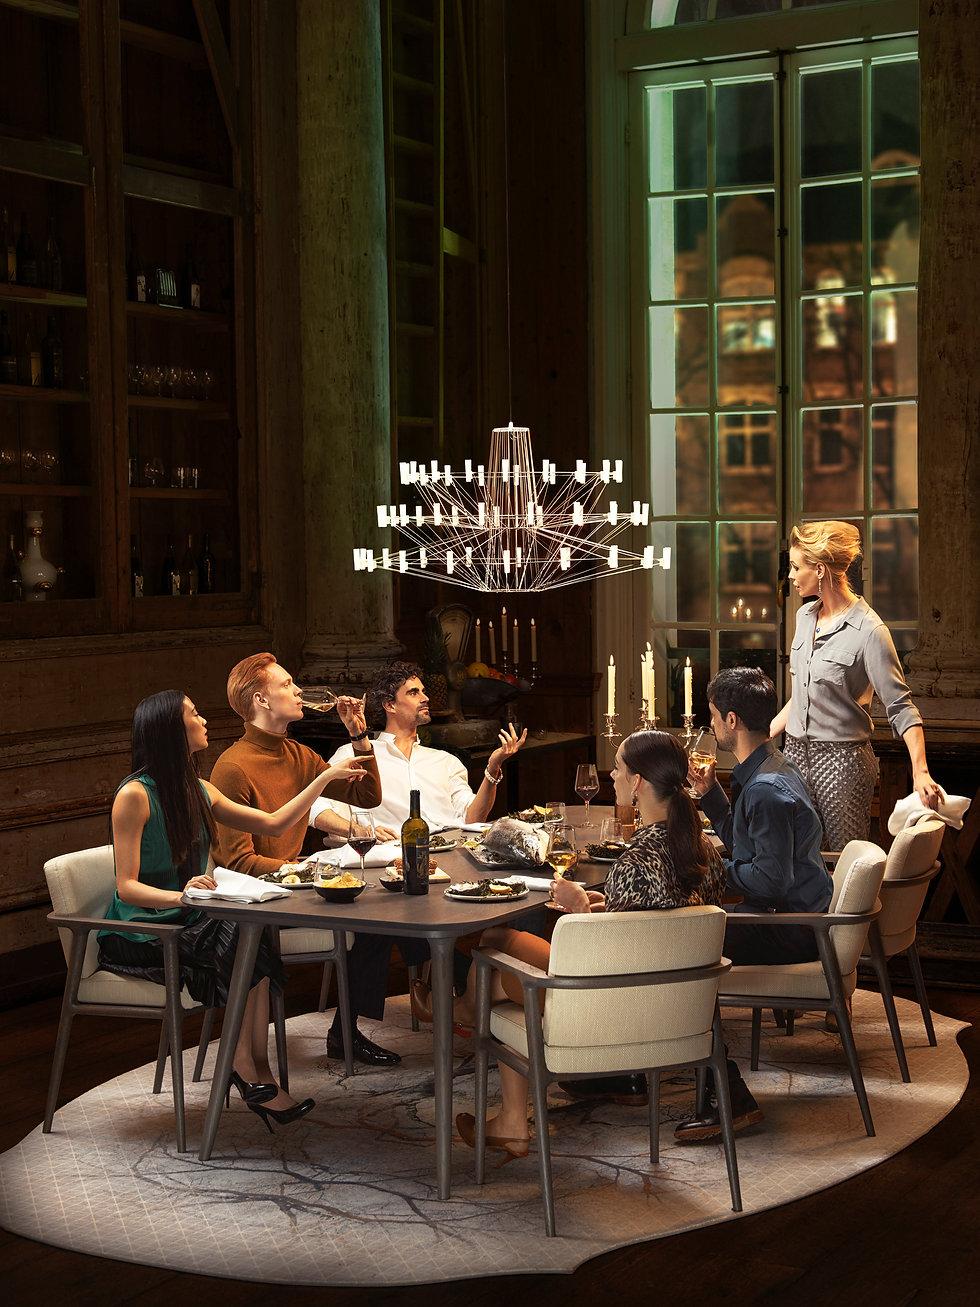 The_Dining_Scene-300dpi-moooi.jpg